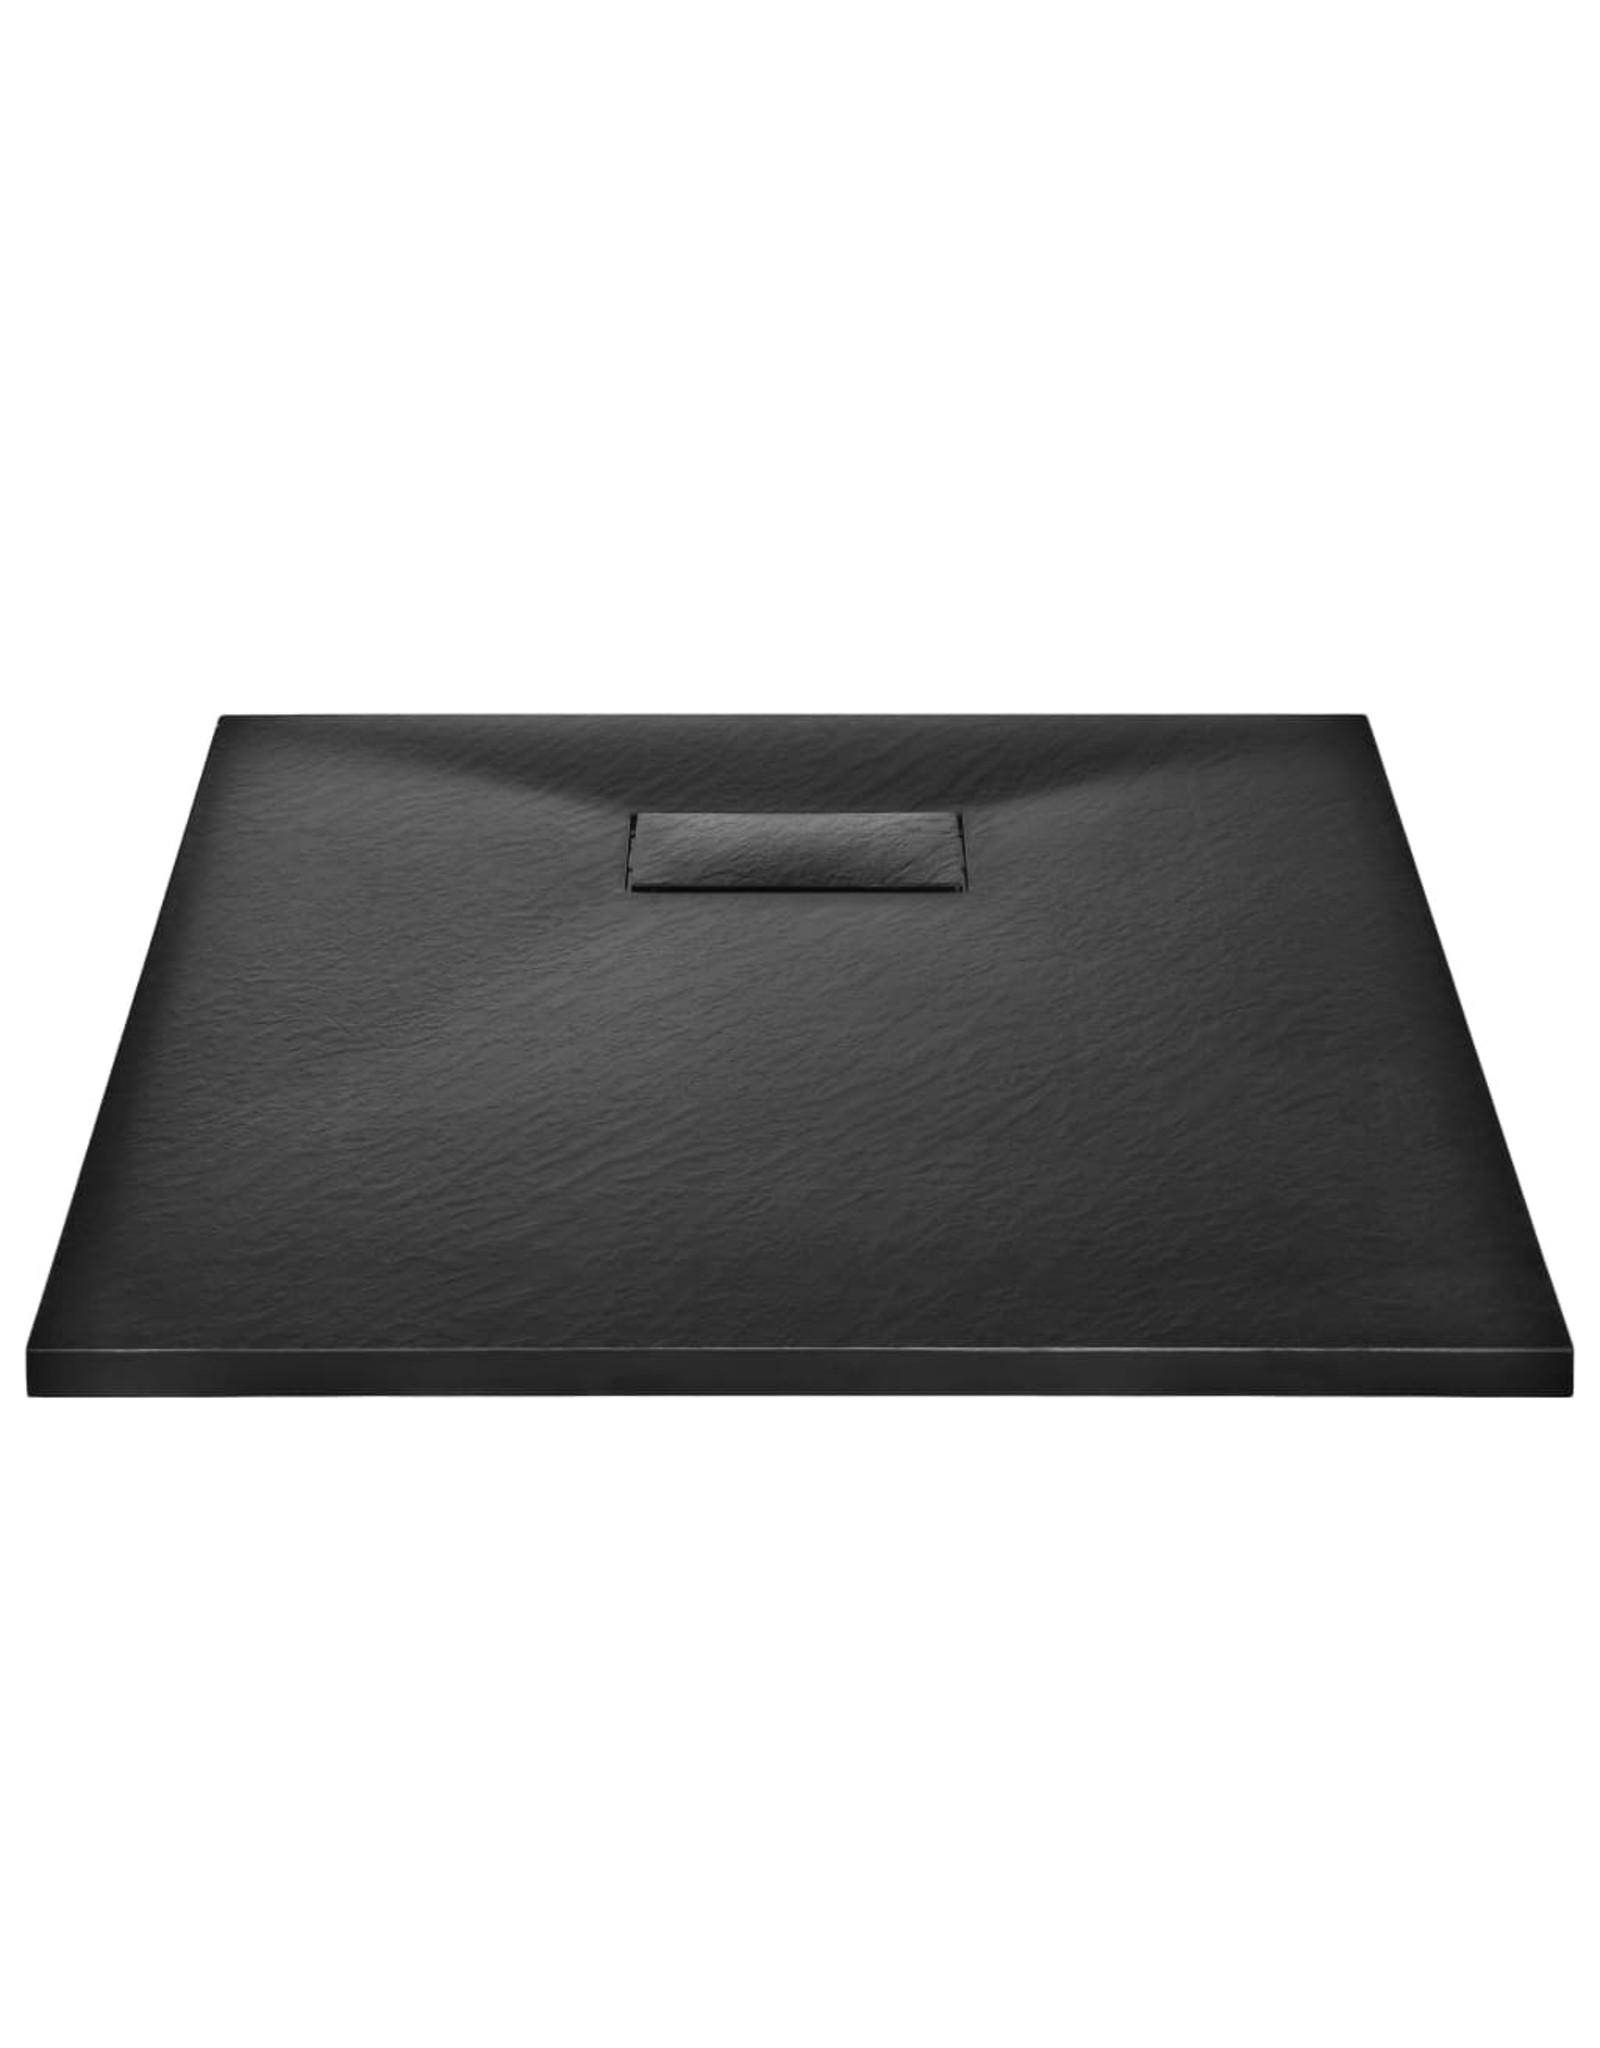 Douchebak 90x70 cm SMC zwart